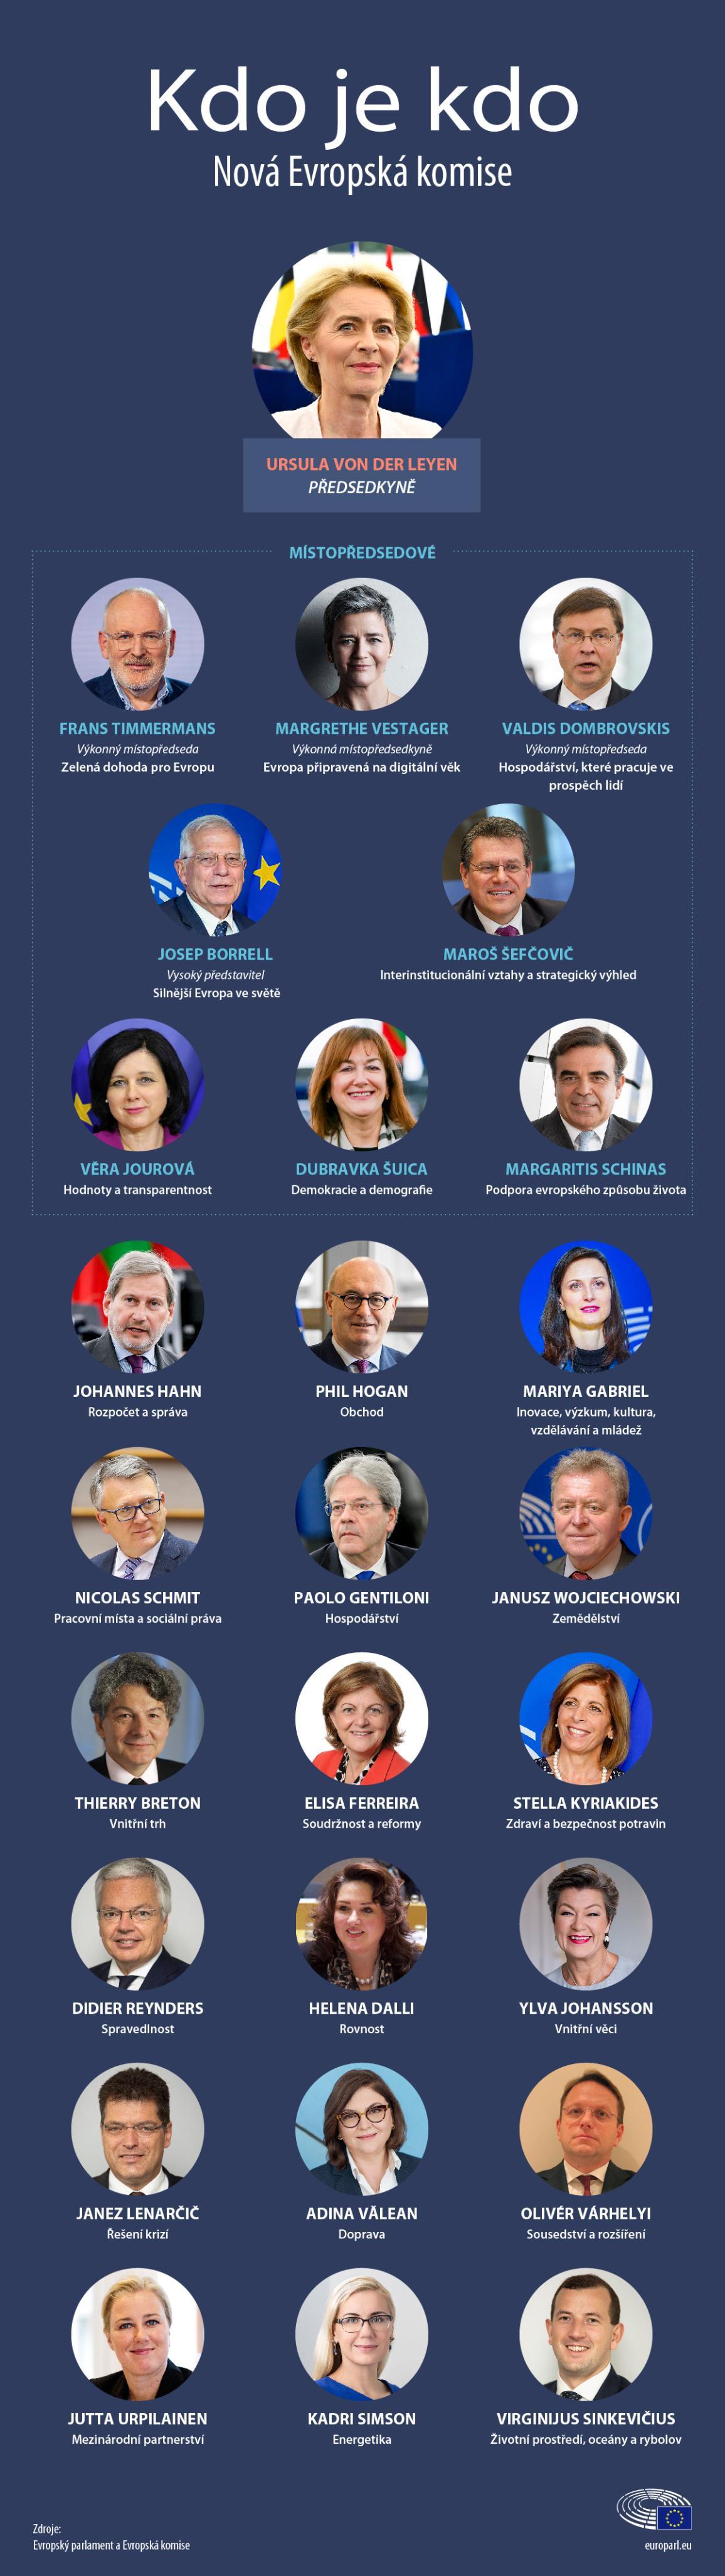 Infografika s portfolii komisařů